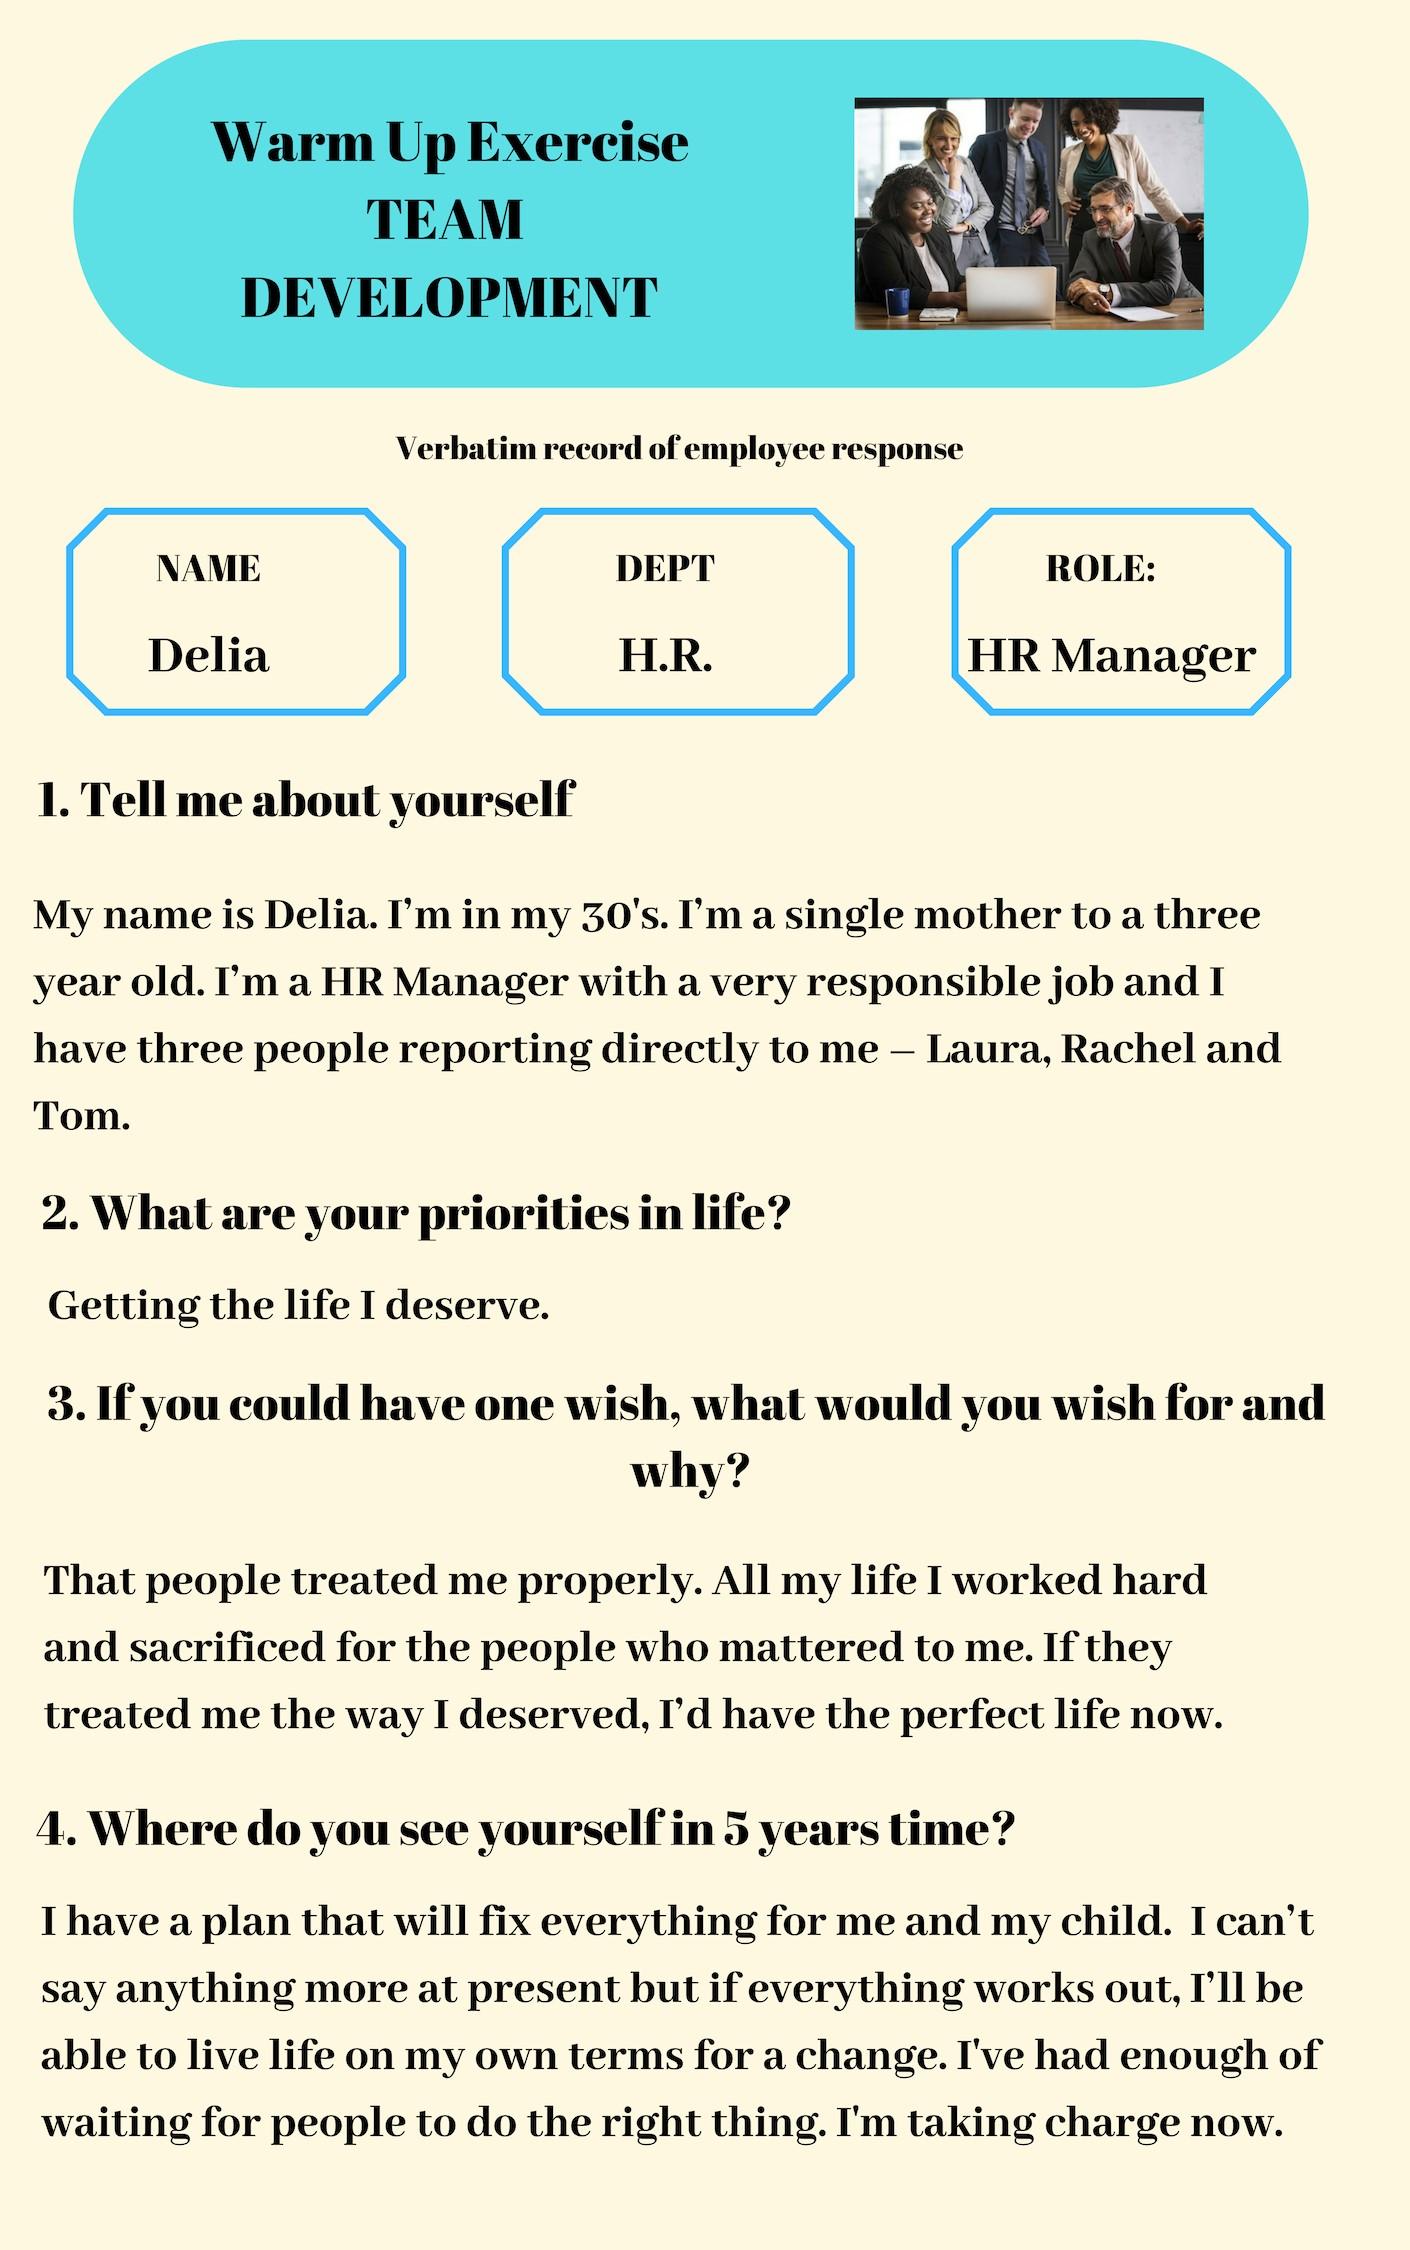 Blog 4 questions - Delia